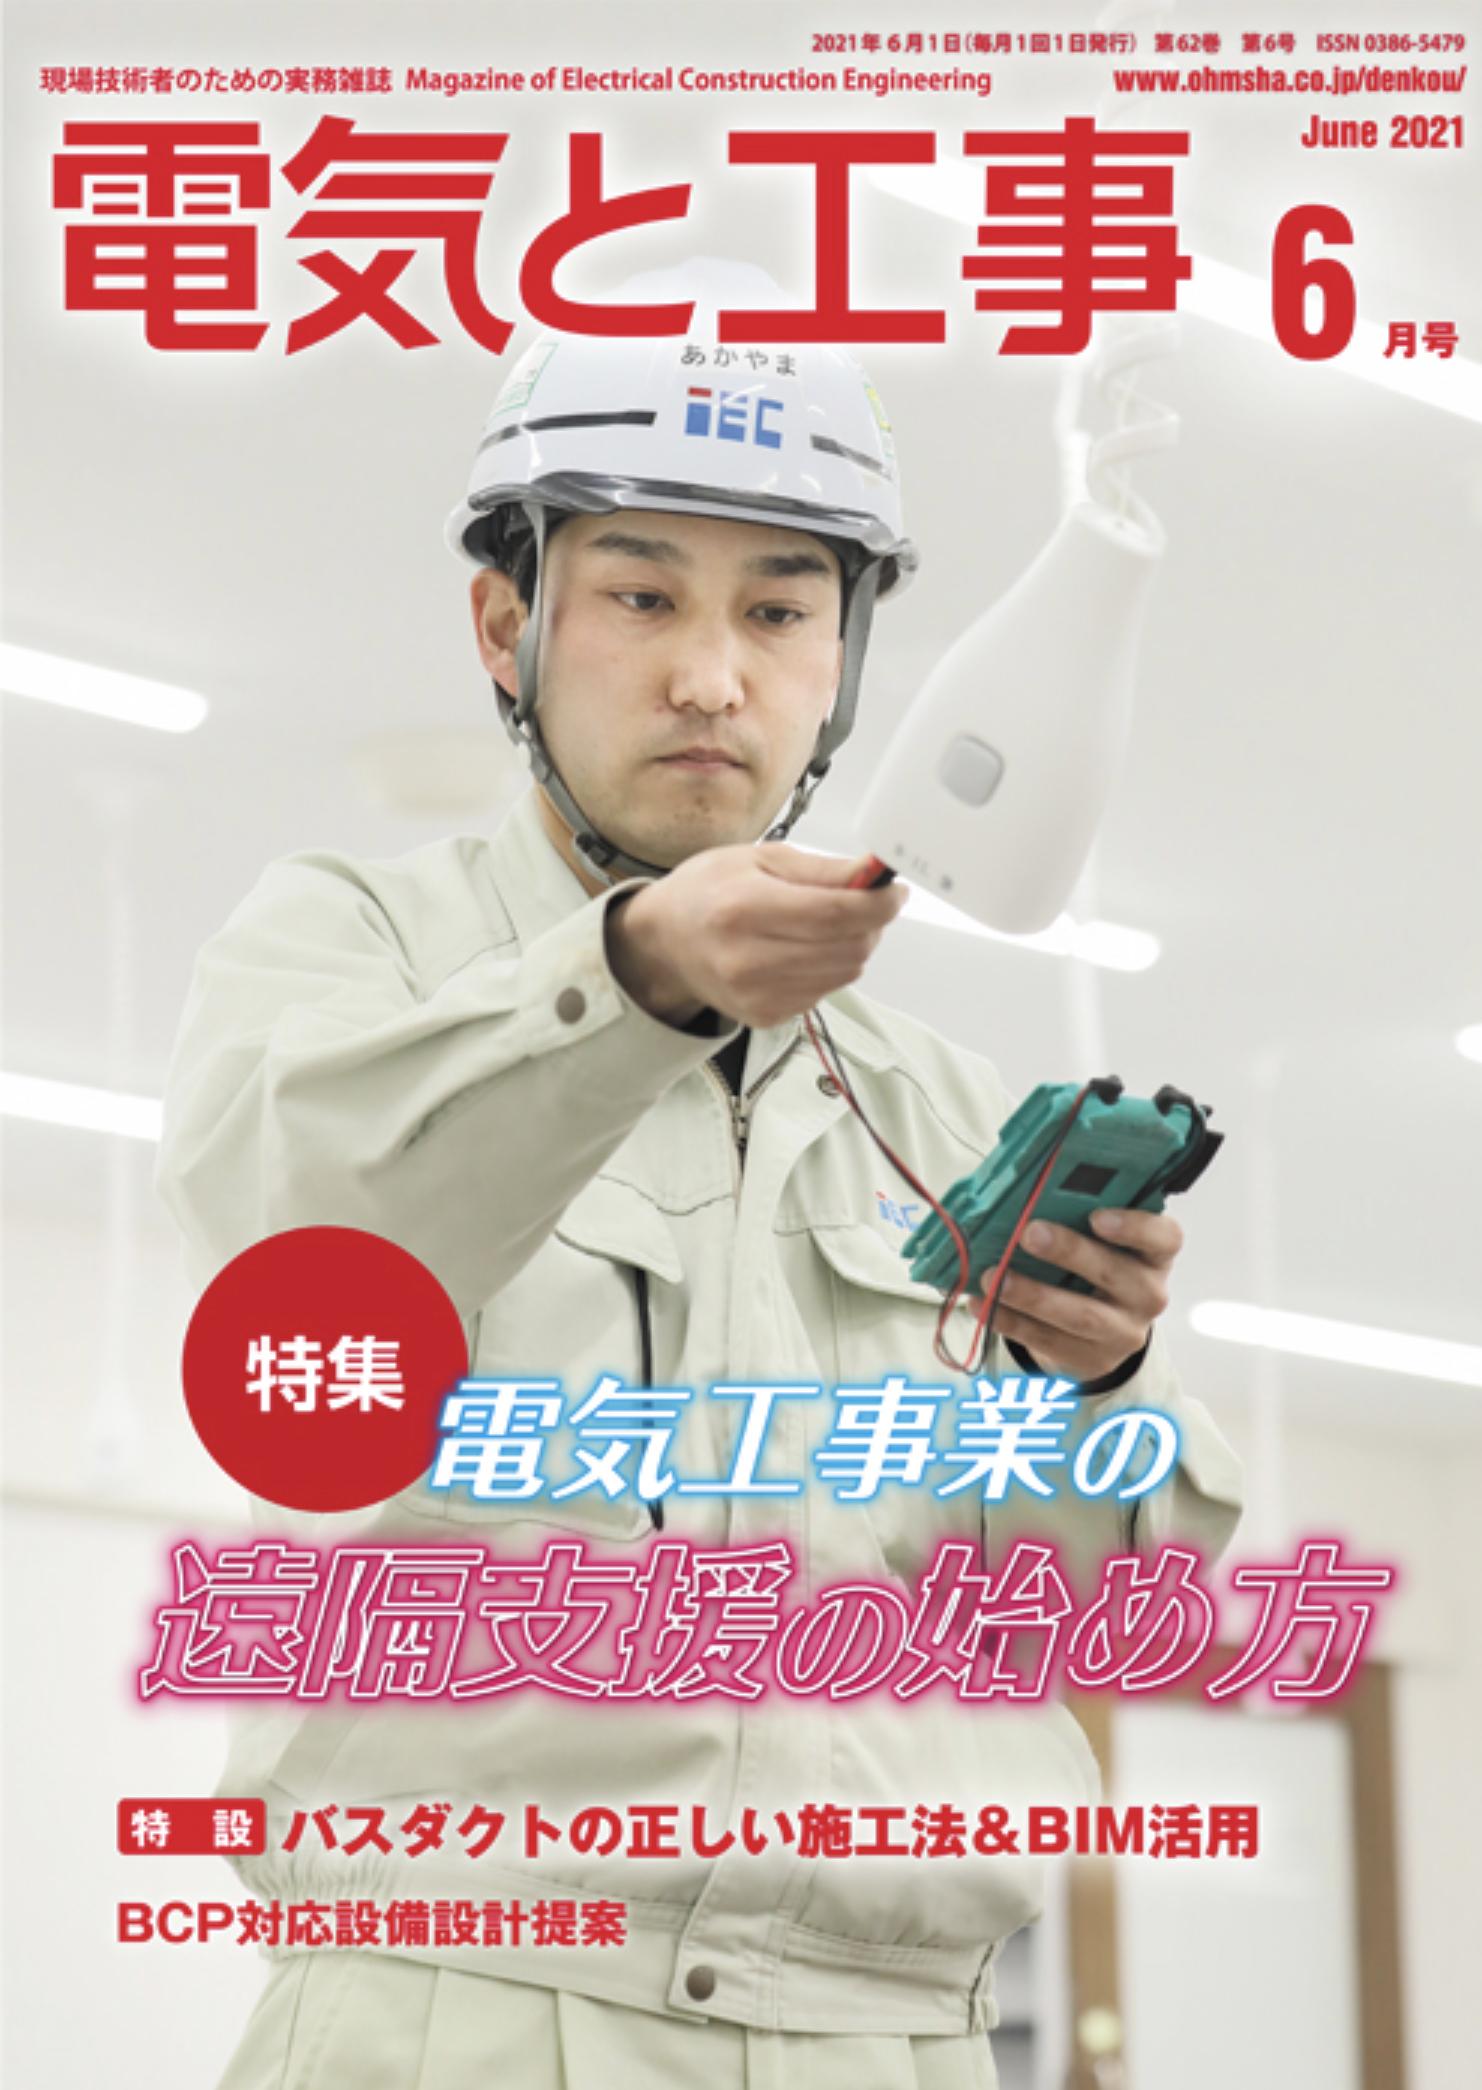 【新刊トピックス 2021 5月】電気と工事 2021年6月号 (第62巻第6号通巻813号)の画像